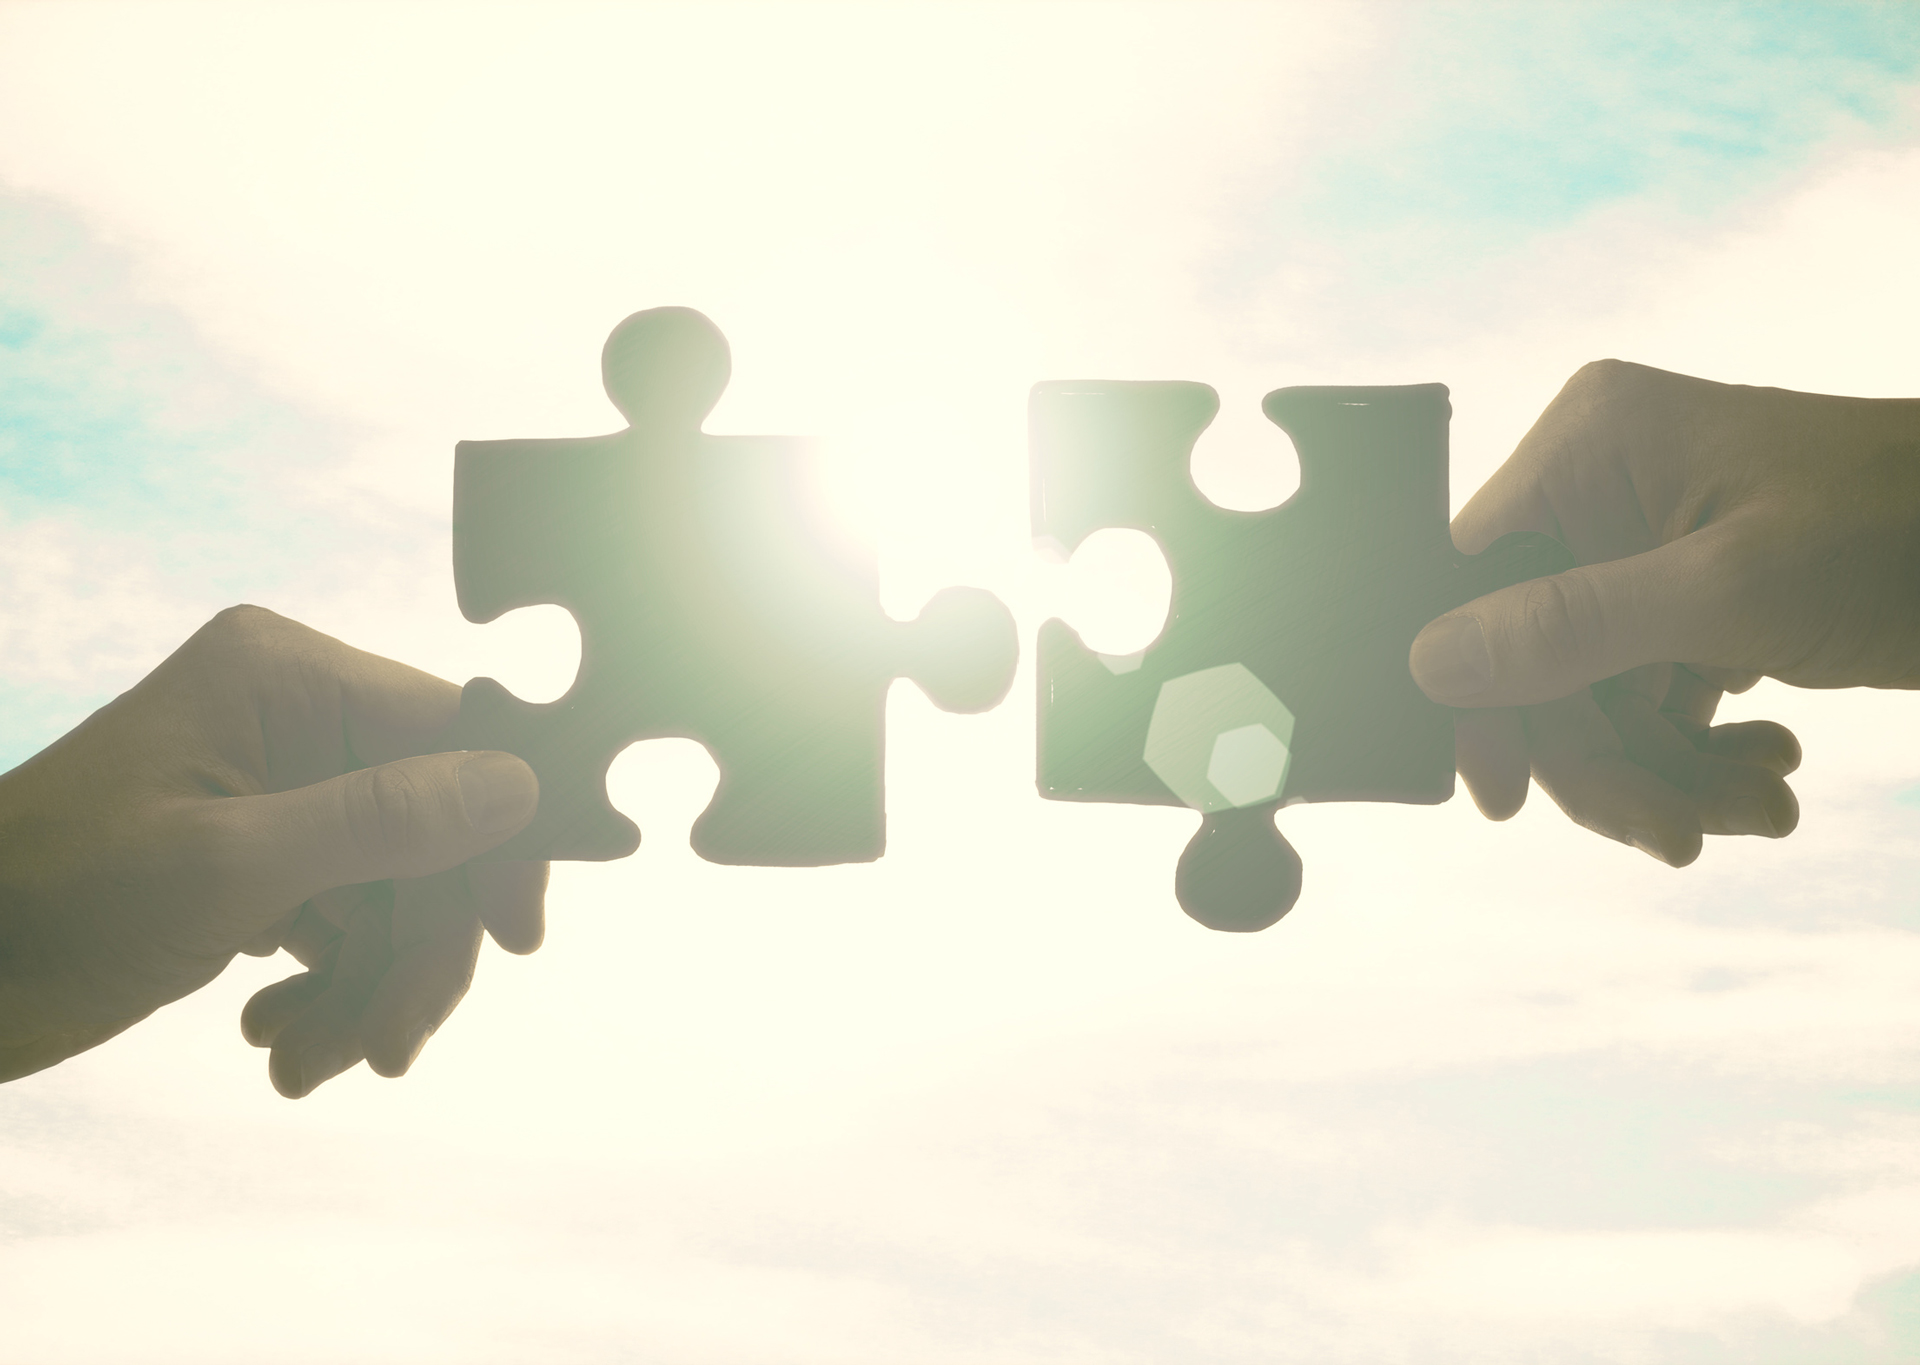 Zwei Hände halten zwei Puzzle-Teile aneinander